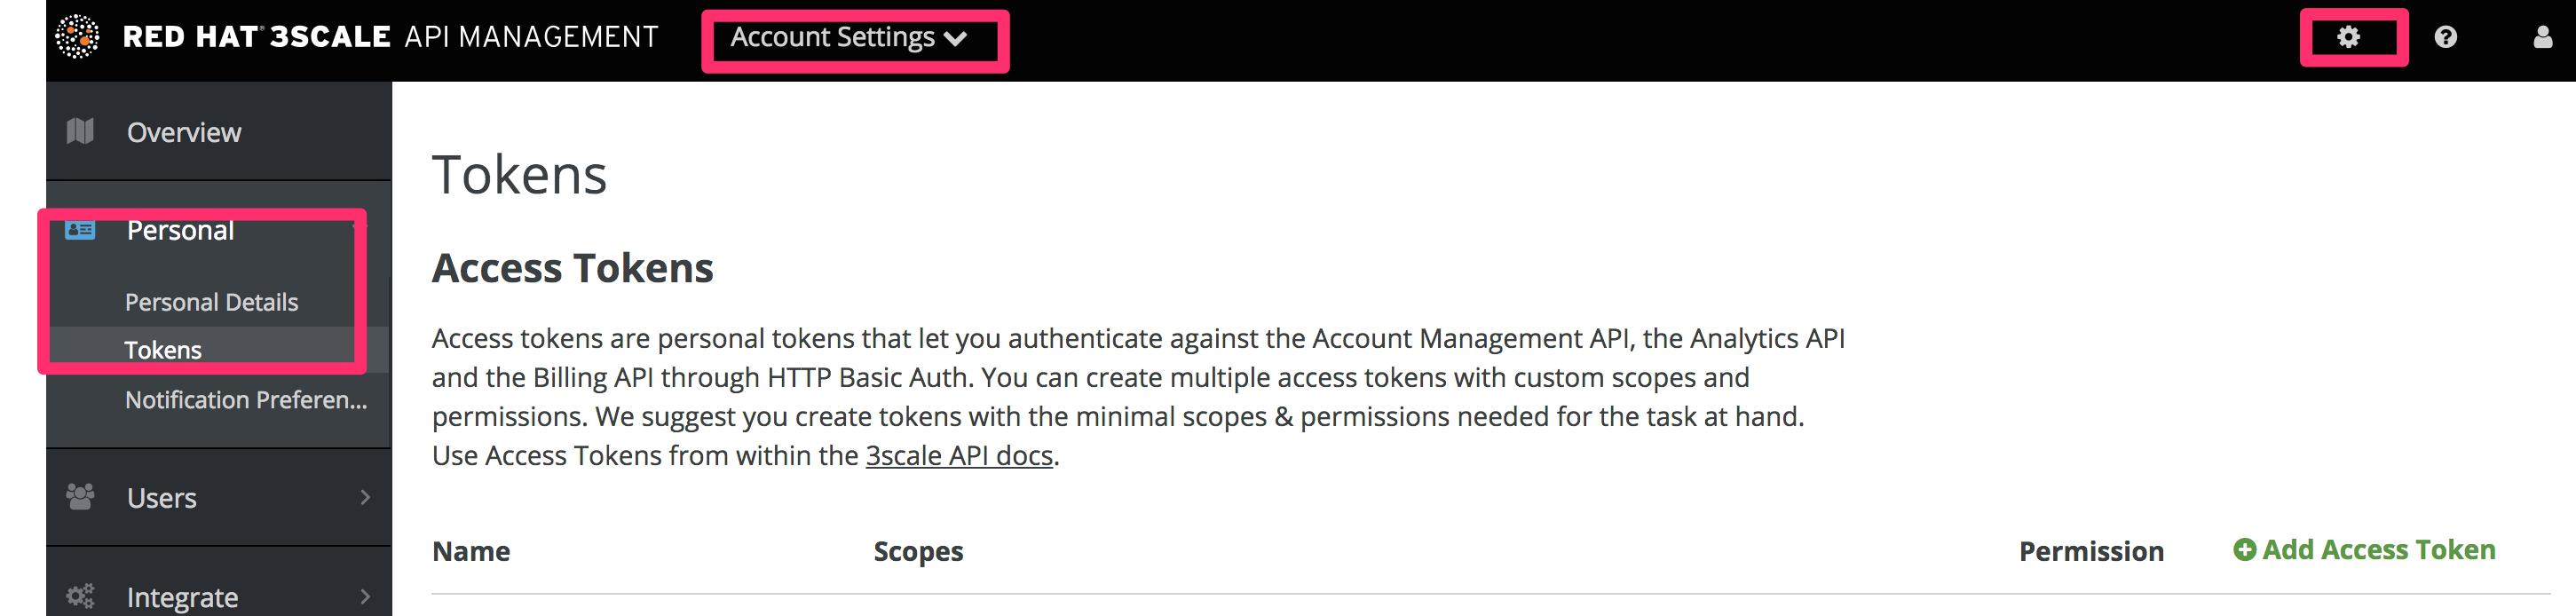 Access tokens screen